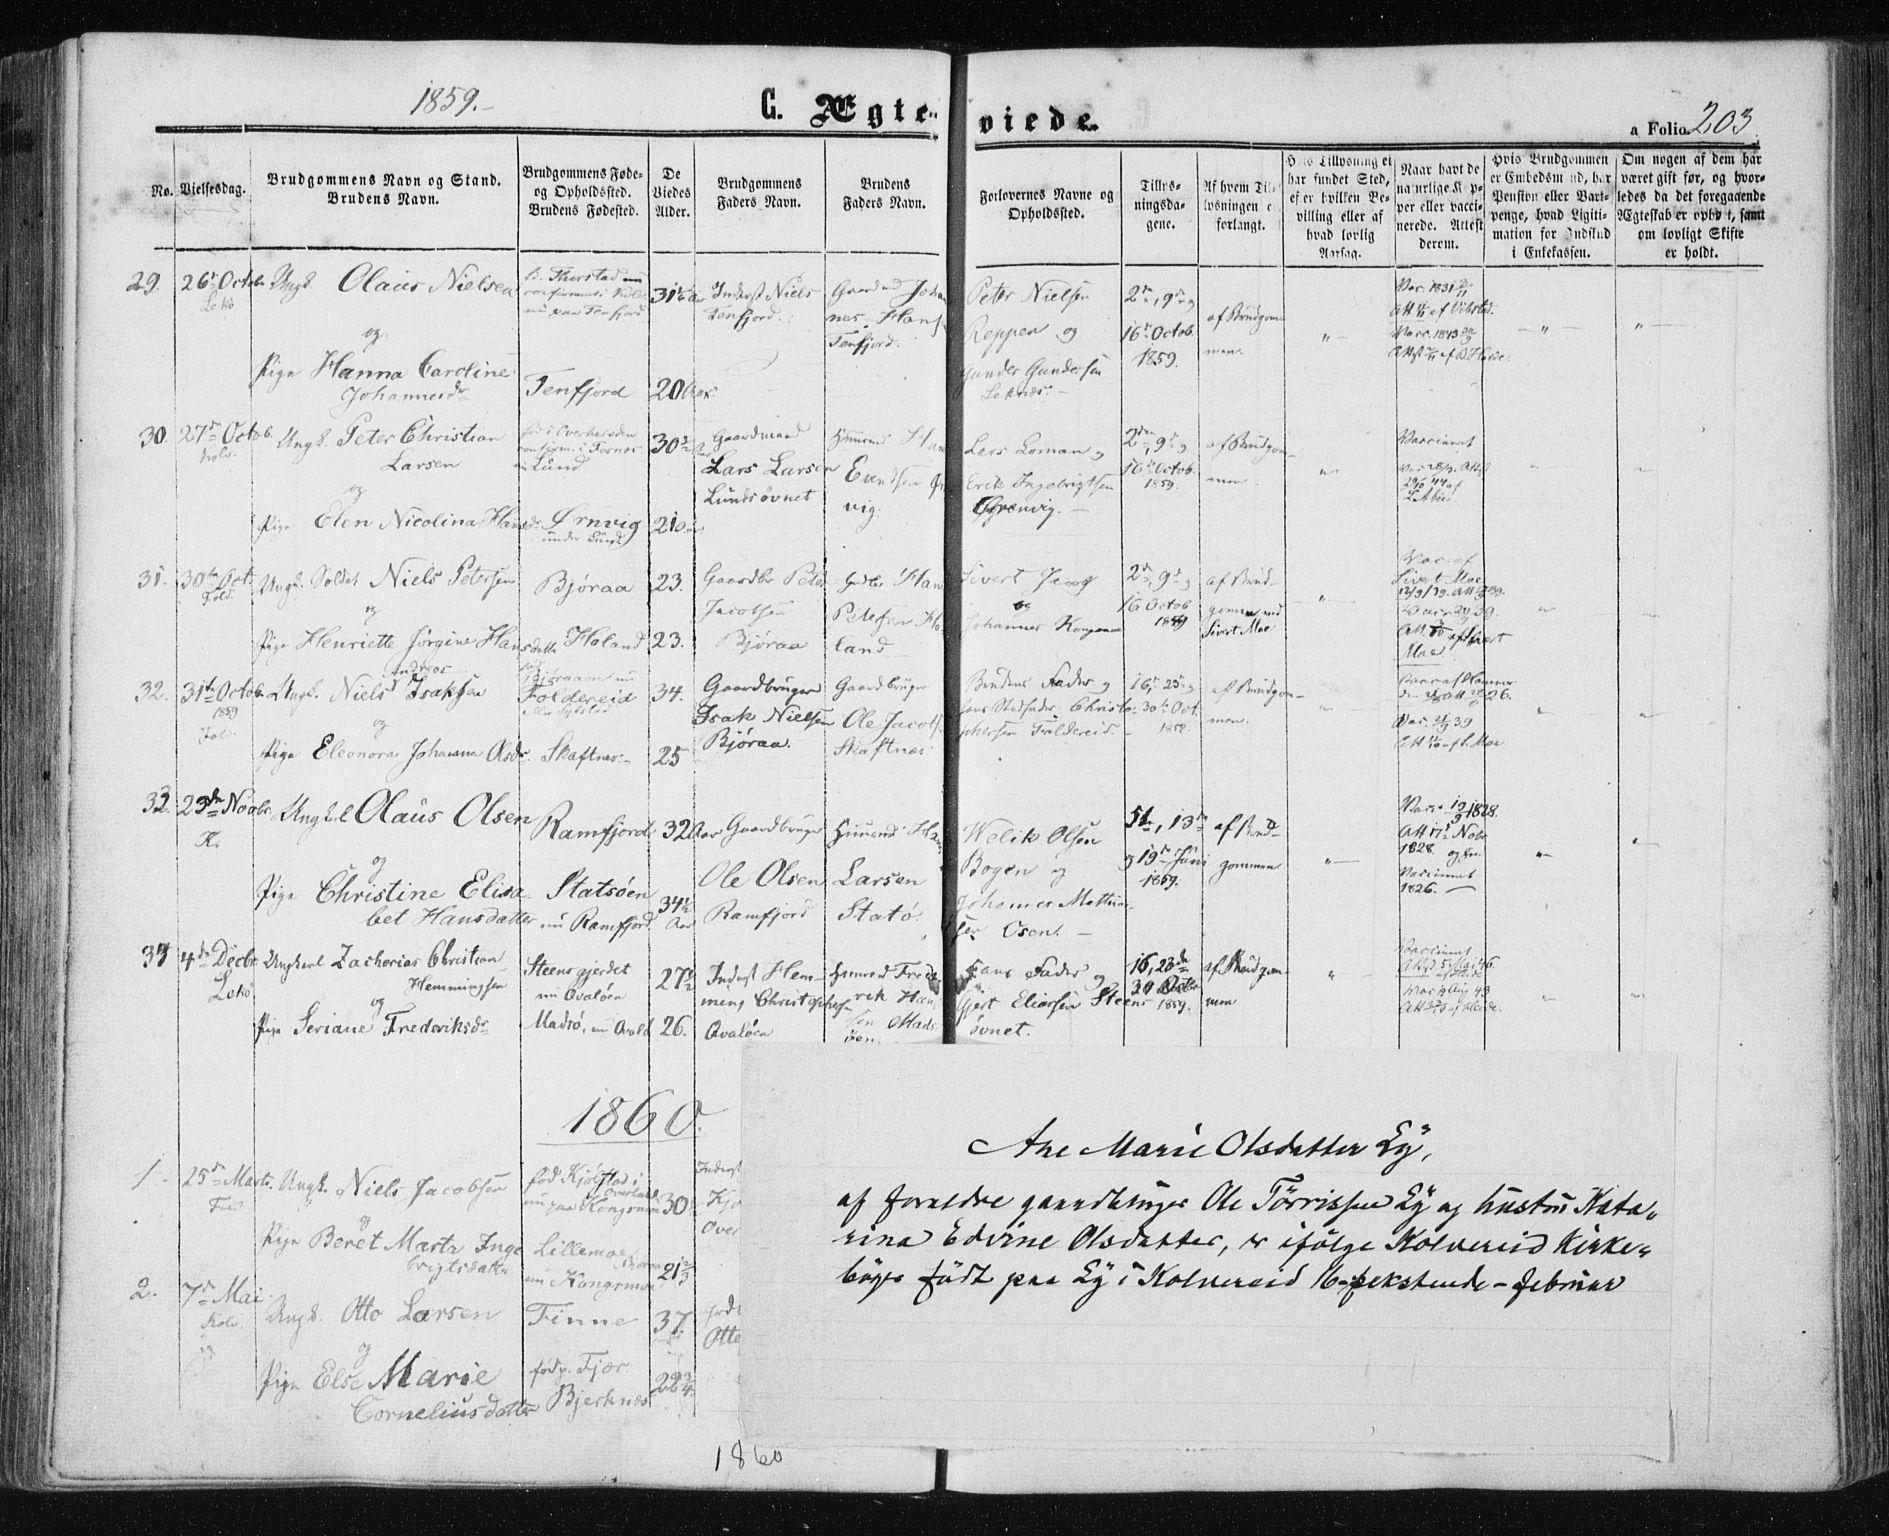 SAT, Ministerialprotokoller, klokkerbøker og fødselsregistre - Nord-Trøndelag, 780/L0641: Ministerialbok nr. 780A06, 1857-1874, s. 203